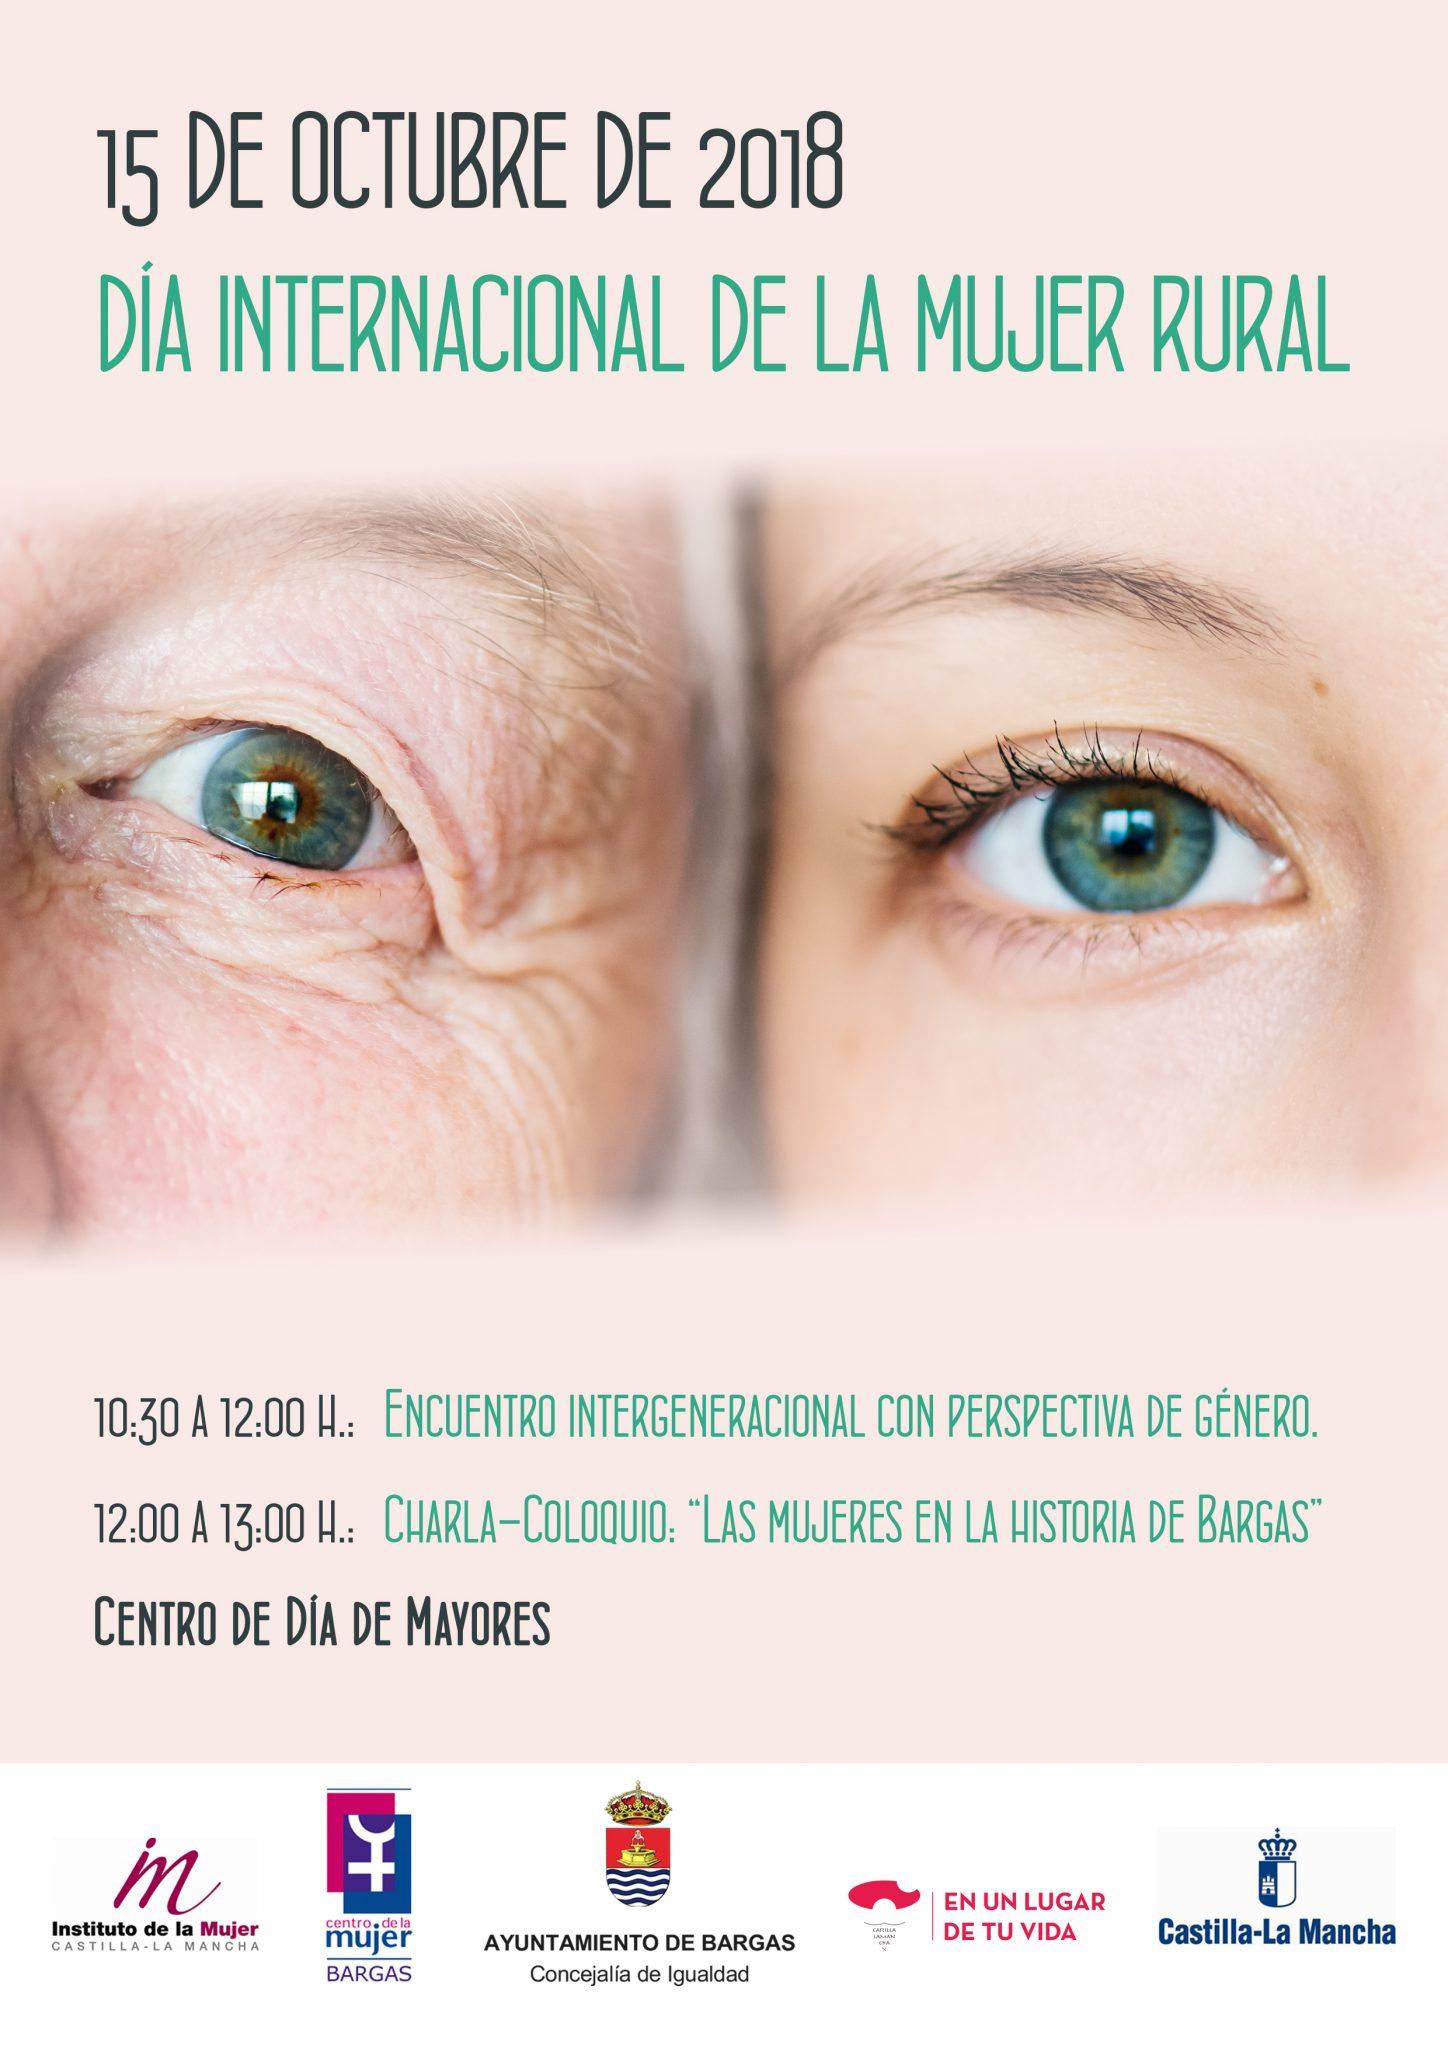 15 de Octubre: Día internacional de la mujer rural